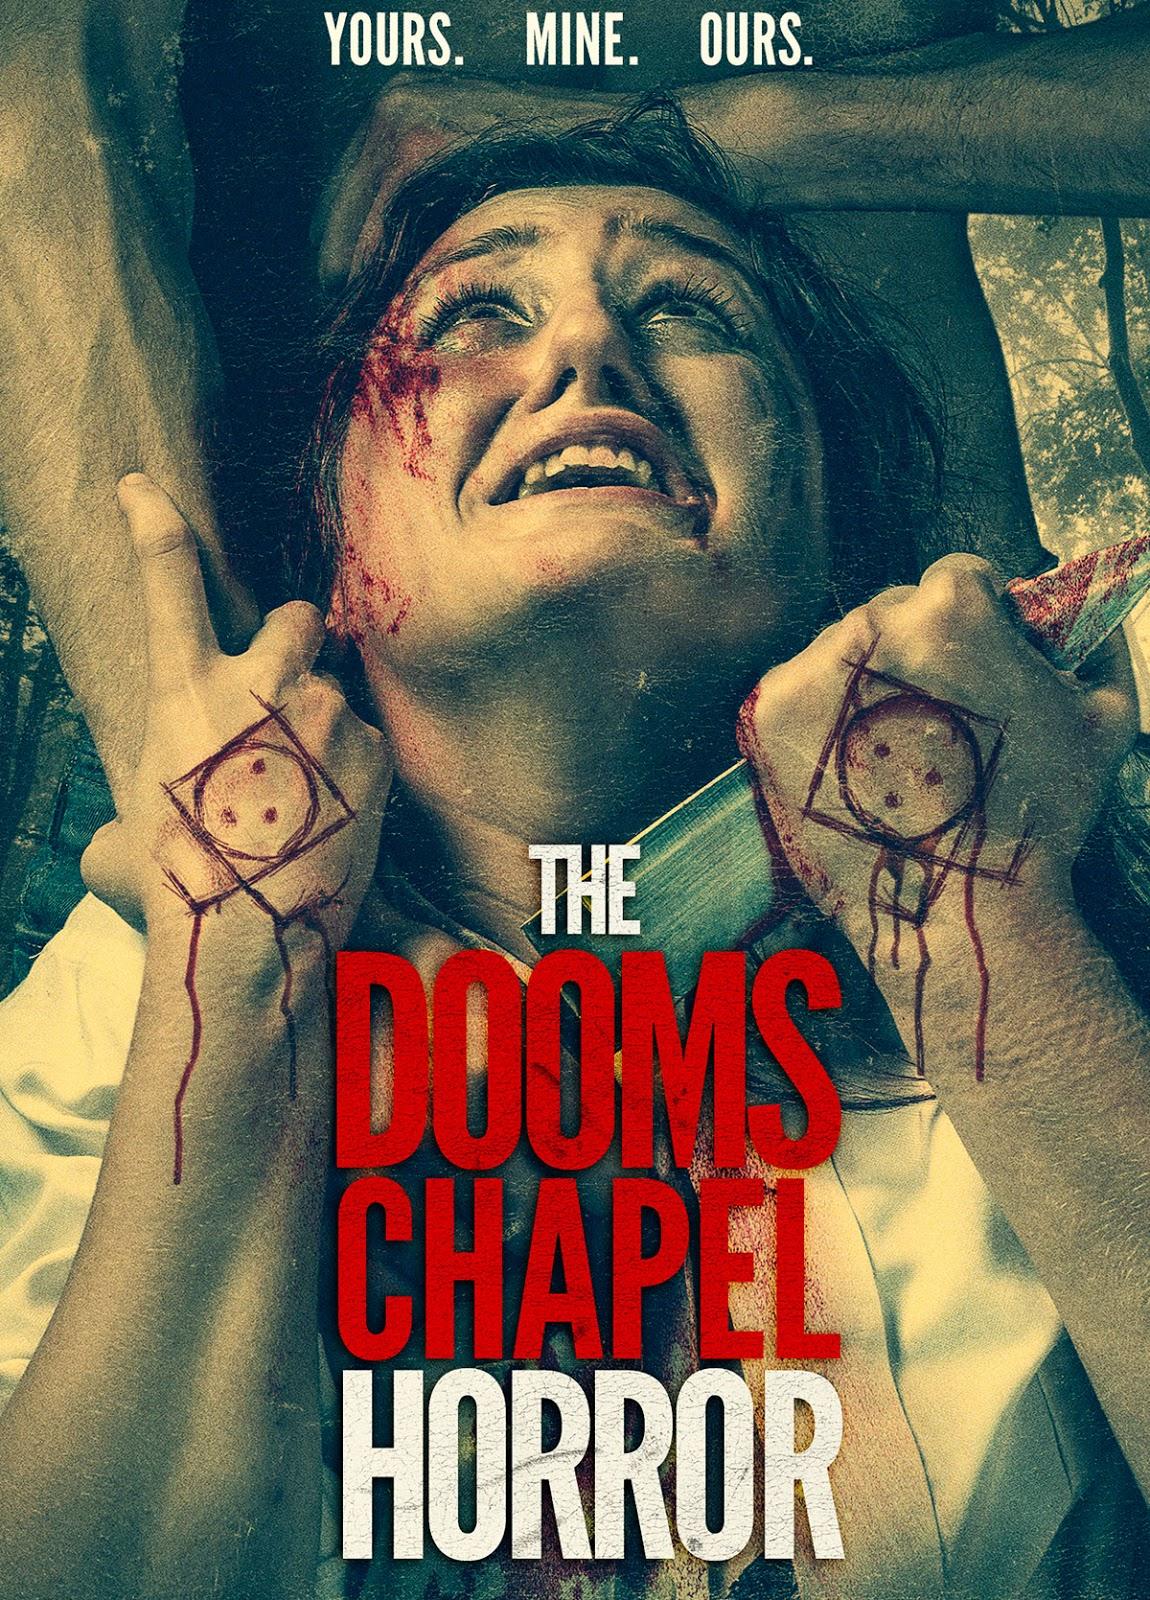 Baixar 659a7934706483.56da5b026a298 The Dooms Chapel Horror Legendado Download